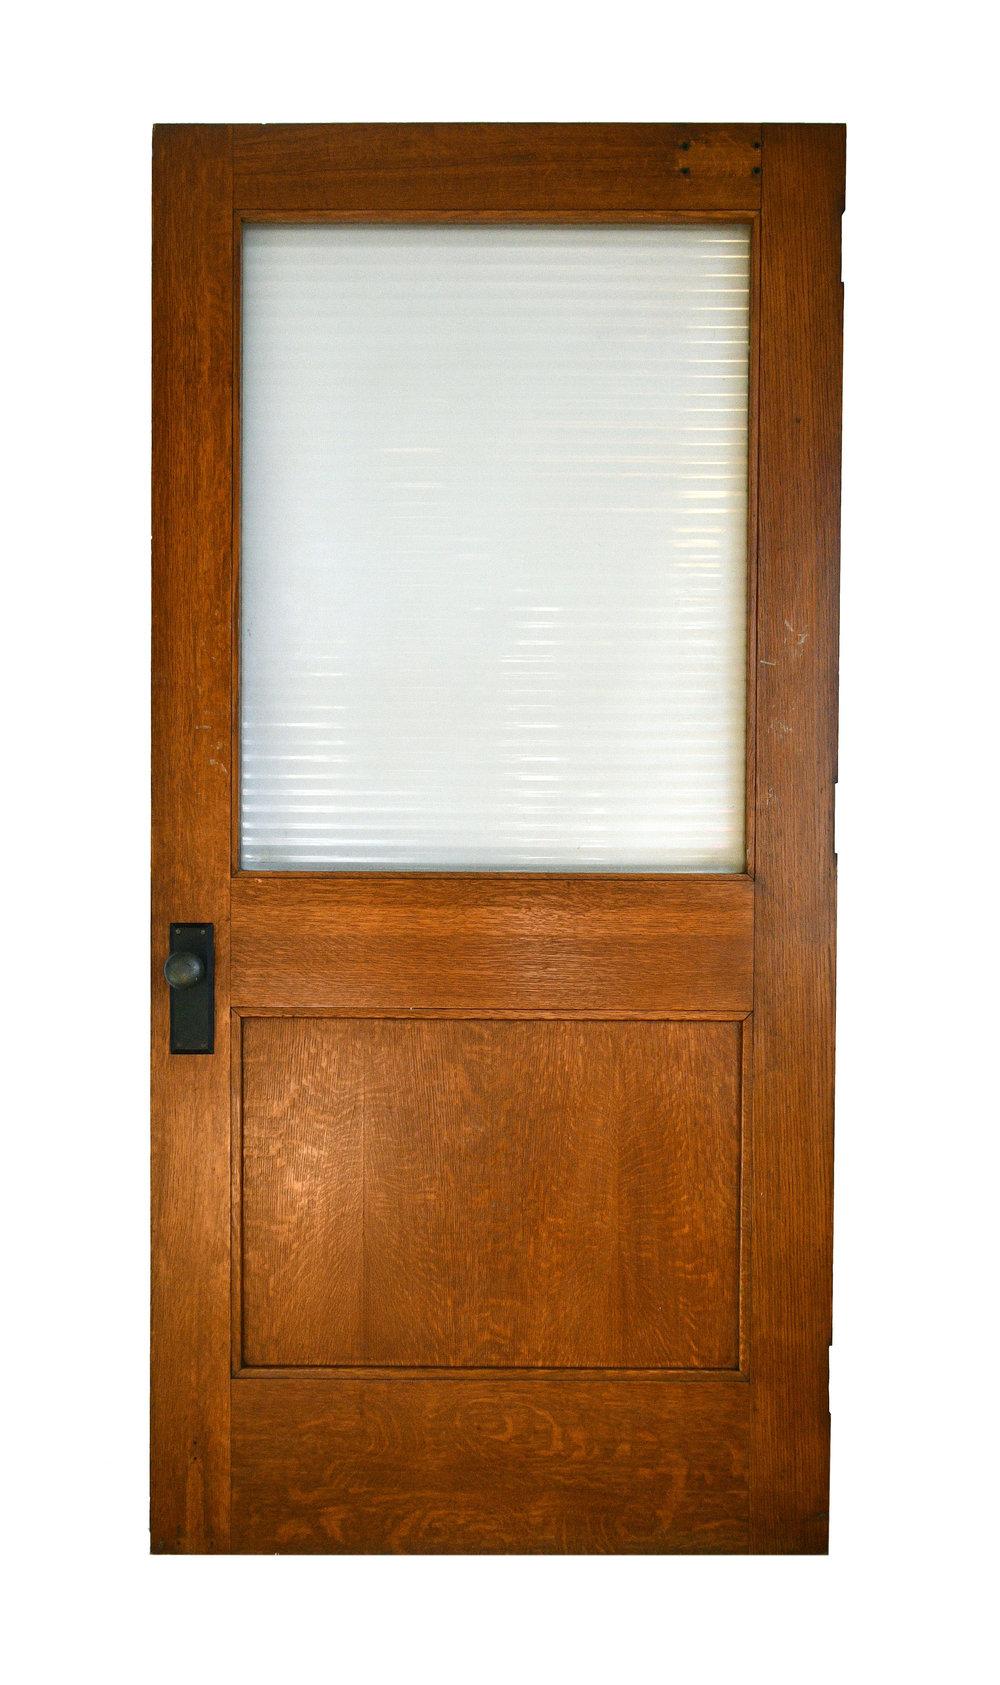 46160-quartersawn-half-view-door-front.jpg